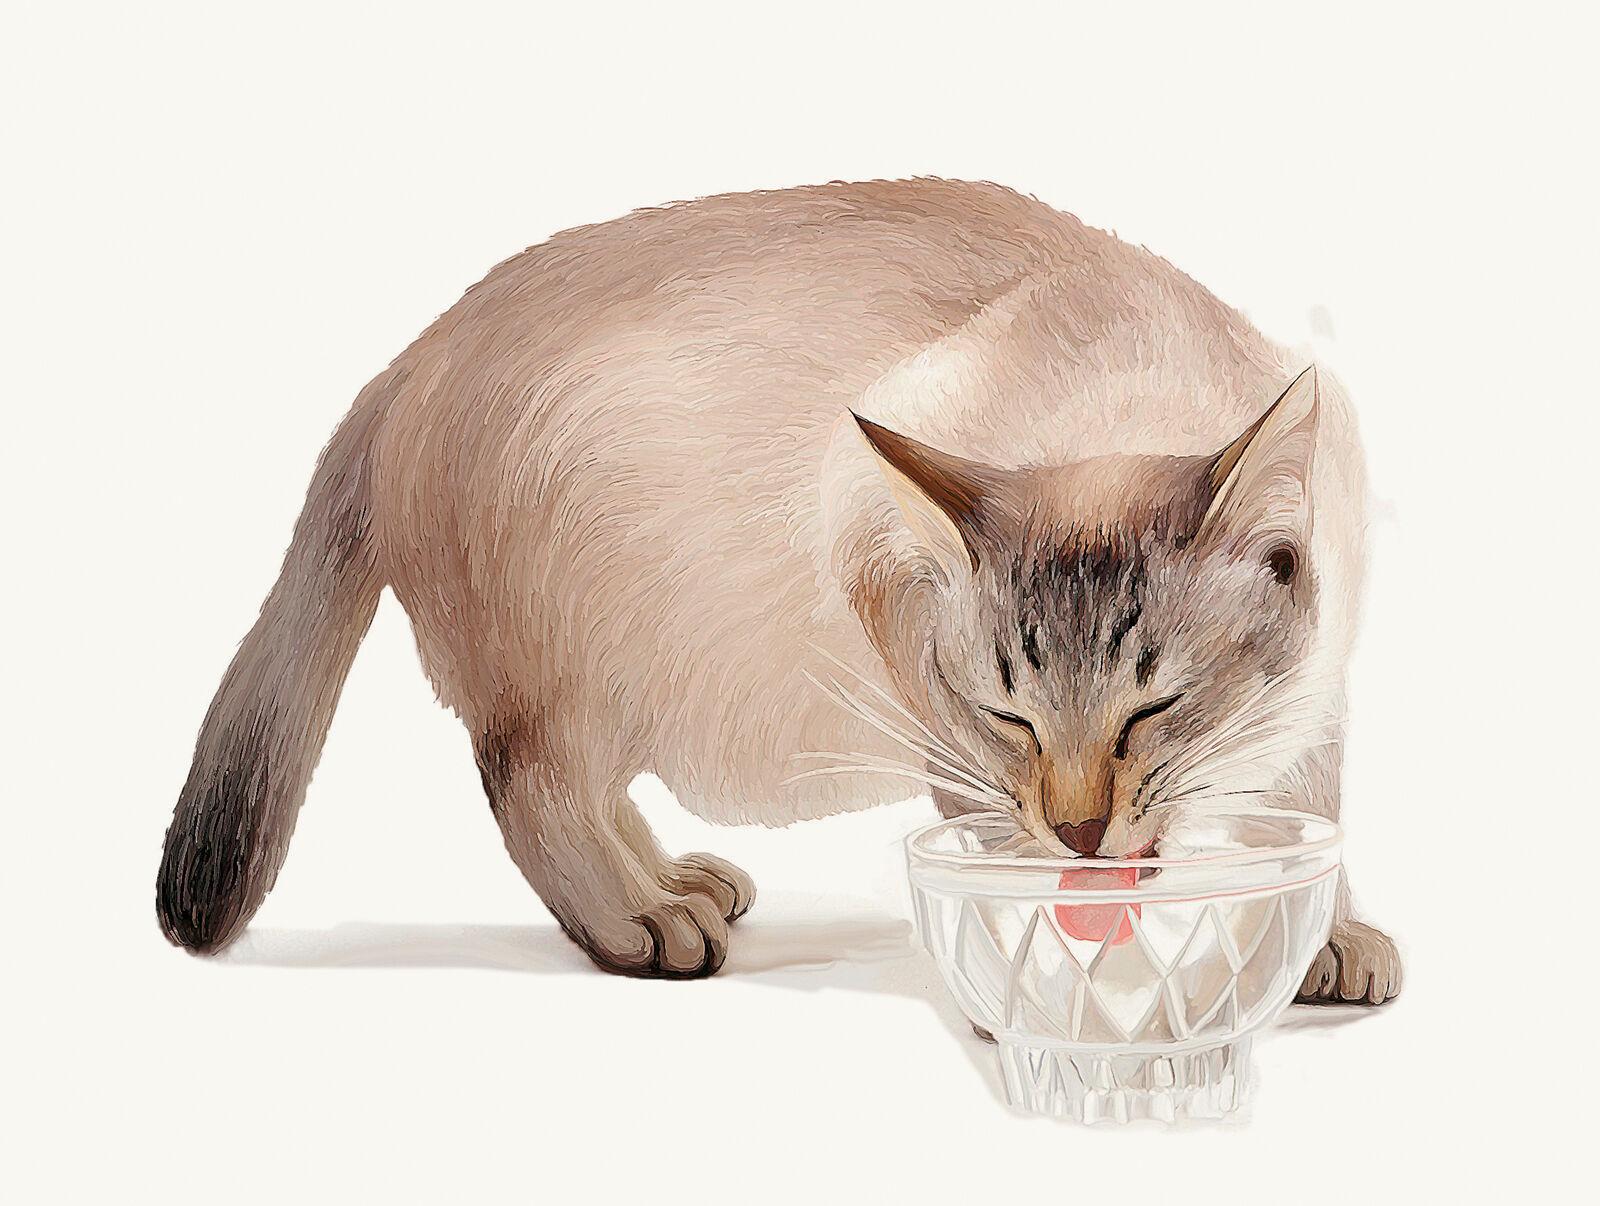 Abbildung 5a. In einer sicheren heimischen Situation können die Tasthaare der Katze den Rand des Futter oder Wassernapfes berühren.